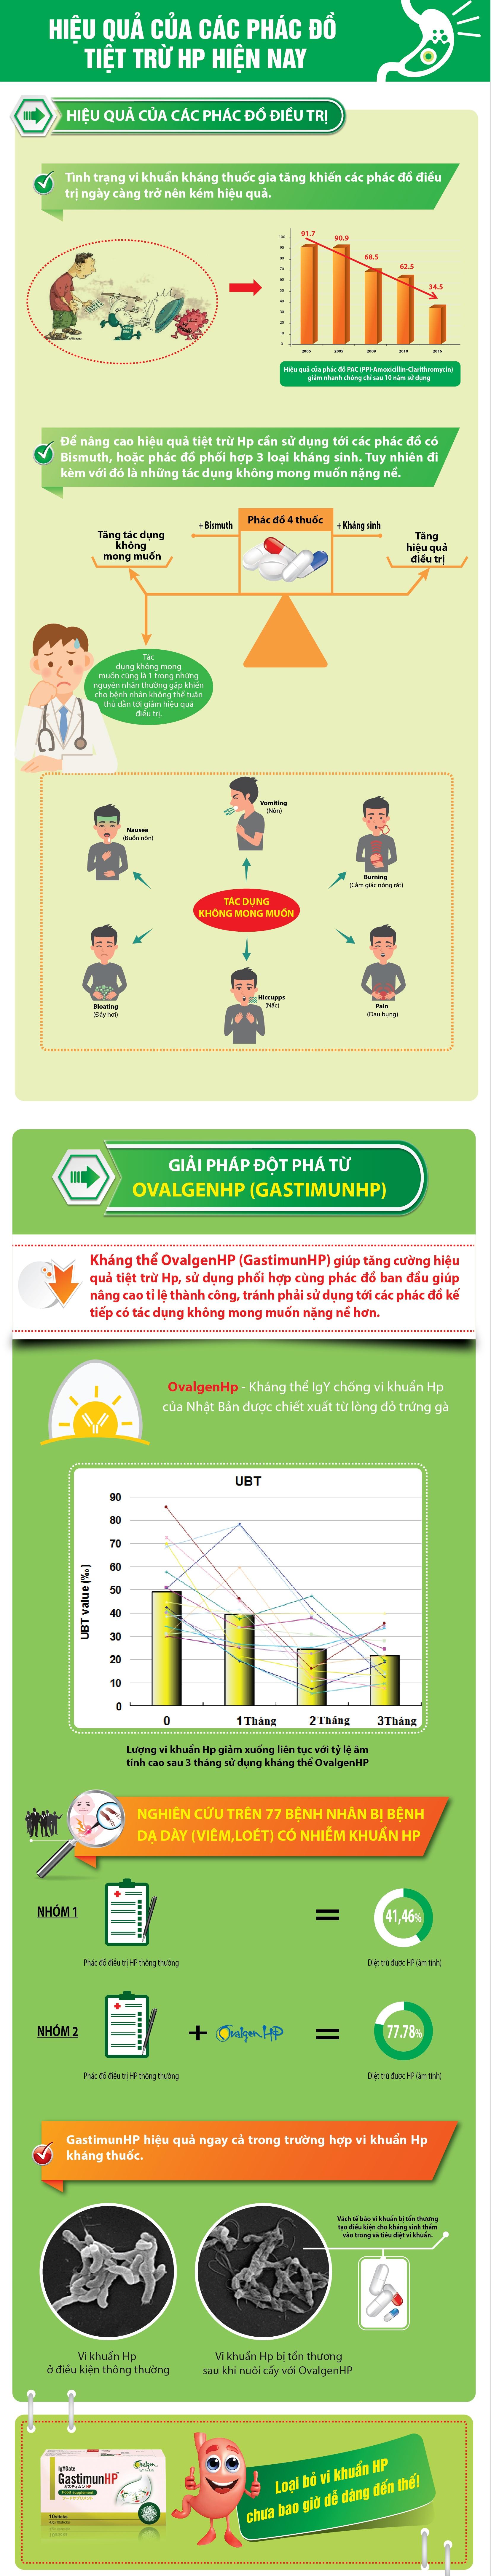 Infographic - Hiệu quả của các phác đồ tiệt trừ vi khuẩn HP hiện nay 1